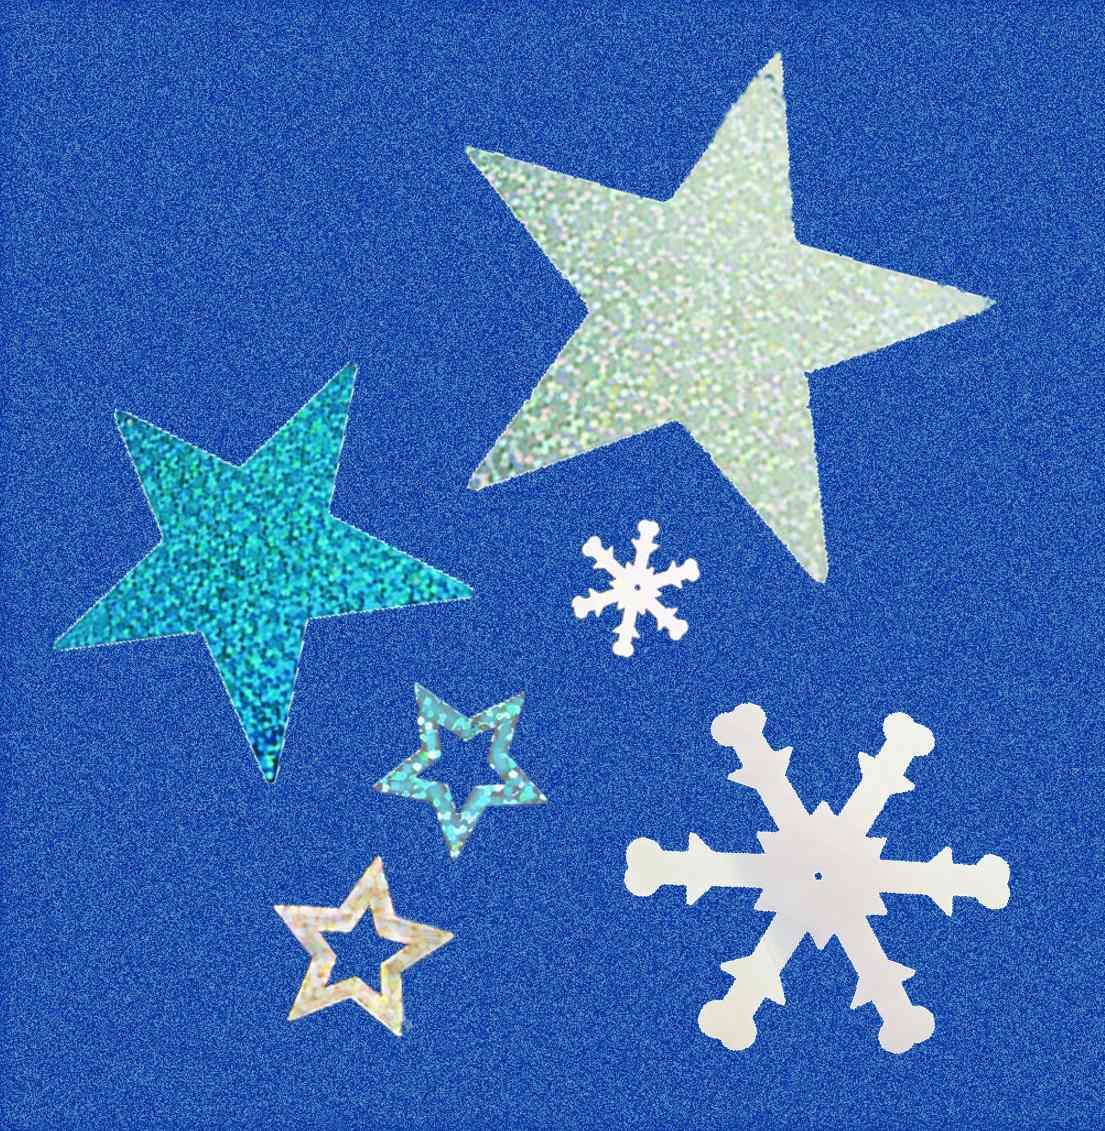 Copos De Nieve Para Decorar Fiesta Frozen.200 Copo De Nieve Estrella Adorno Fiesta Frozen Navidad Full